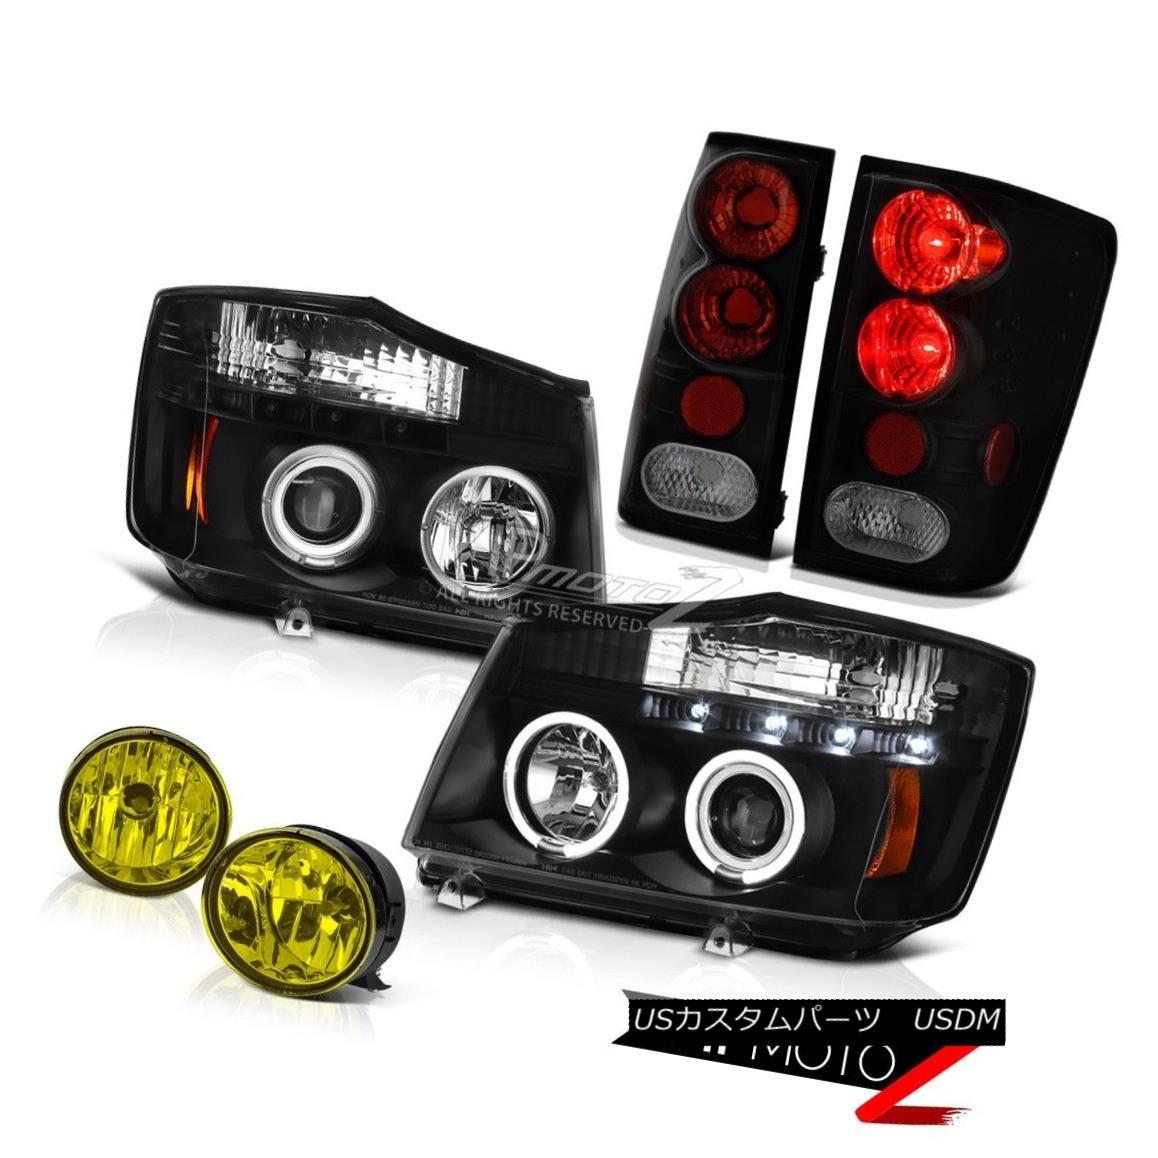 テールライト For 2004-2015 Titan Pro-4X Black LED Headlight Darkest Tail Light Bumper Fog 2004年?2015年Titan Pro-4XブラックLEDヘッドライトダークテールライトバンパーフォグ